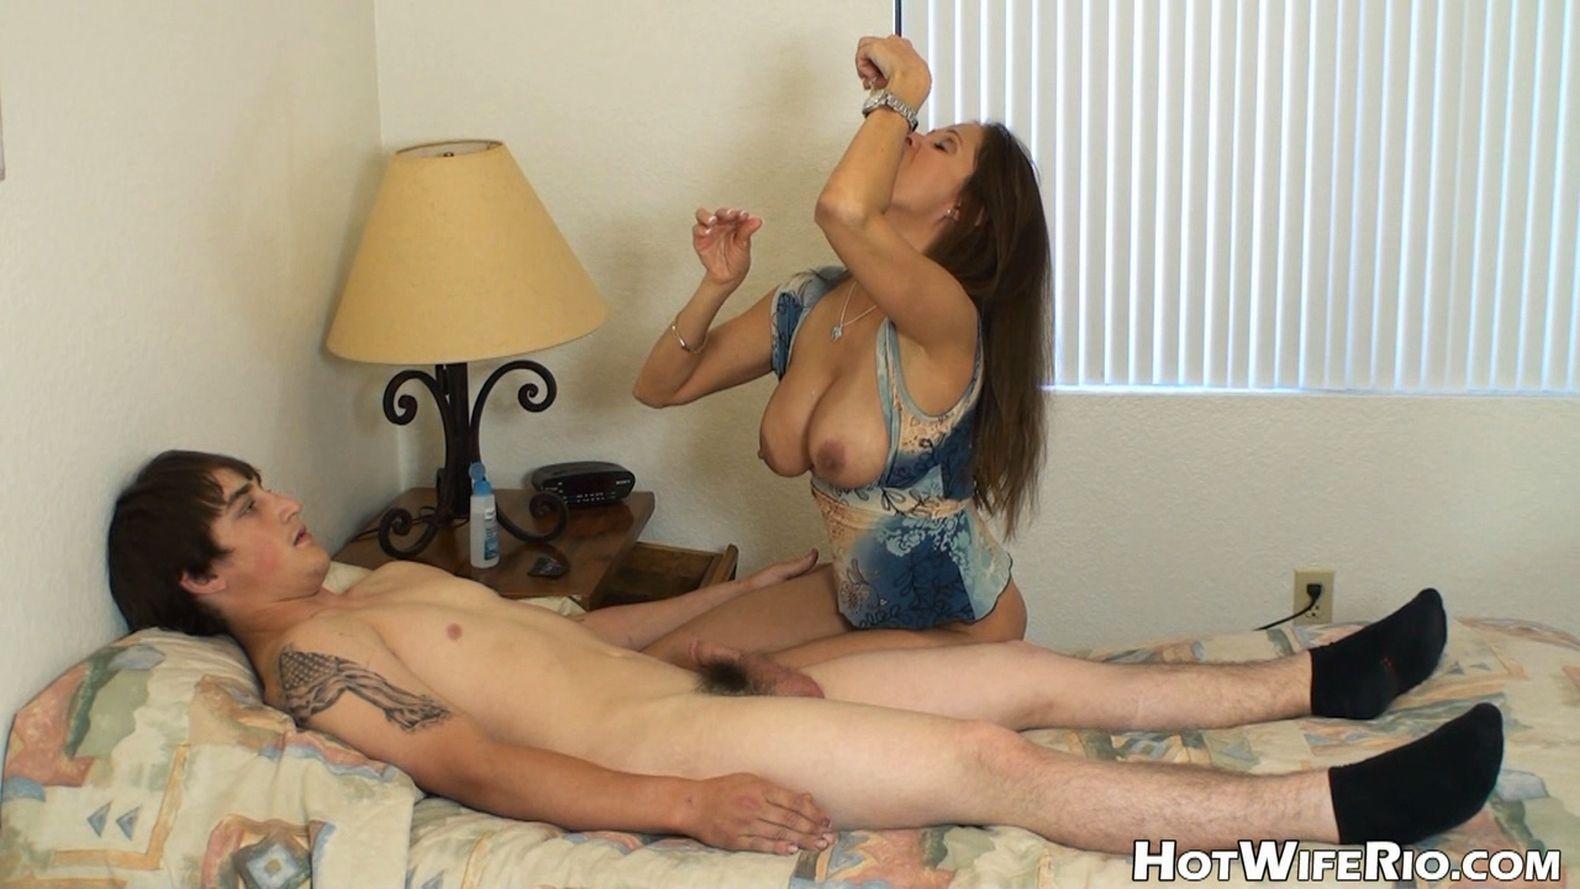 Boy cums twice with sexy mom 9